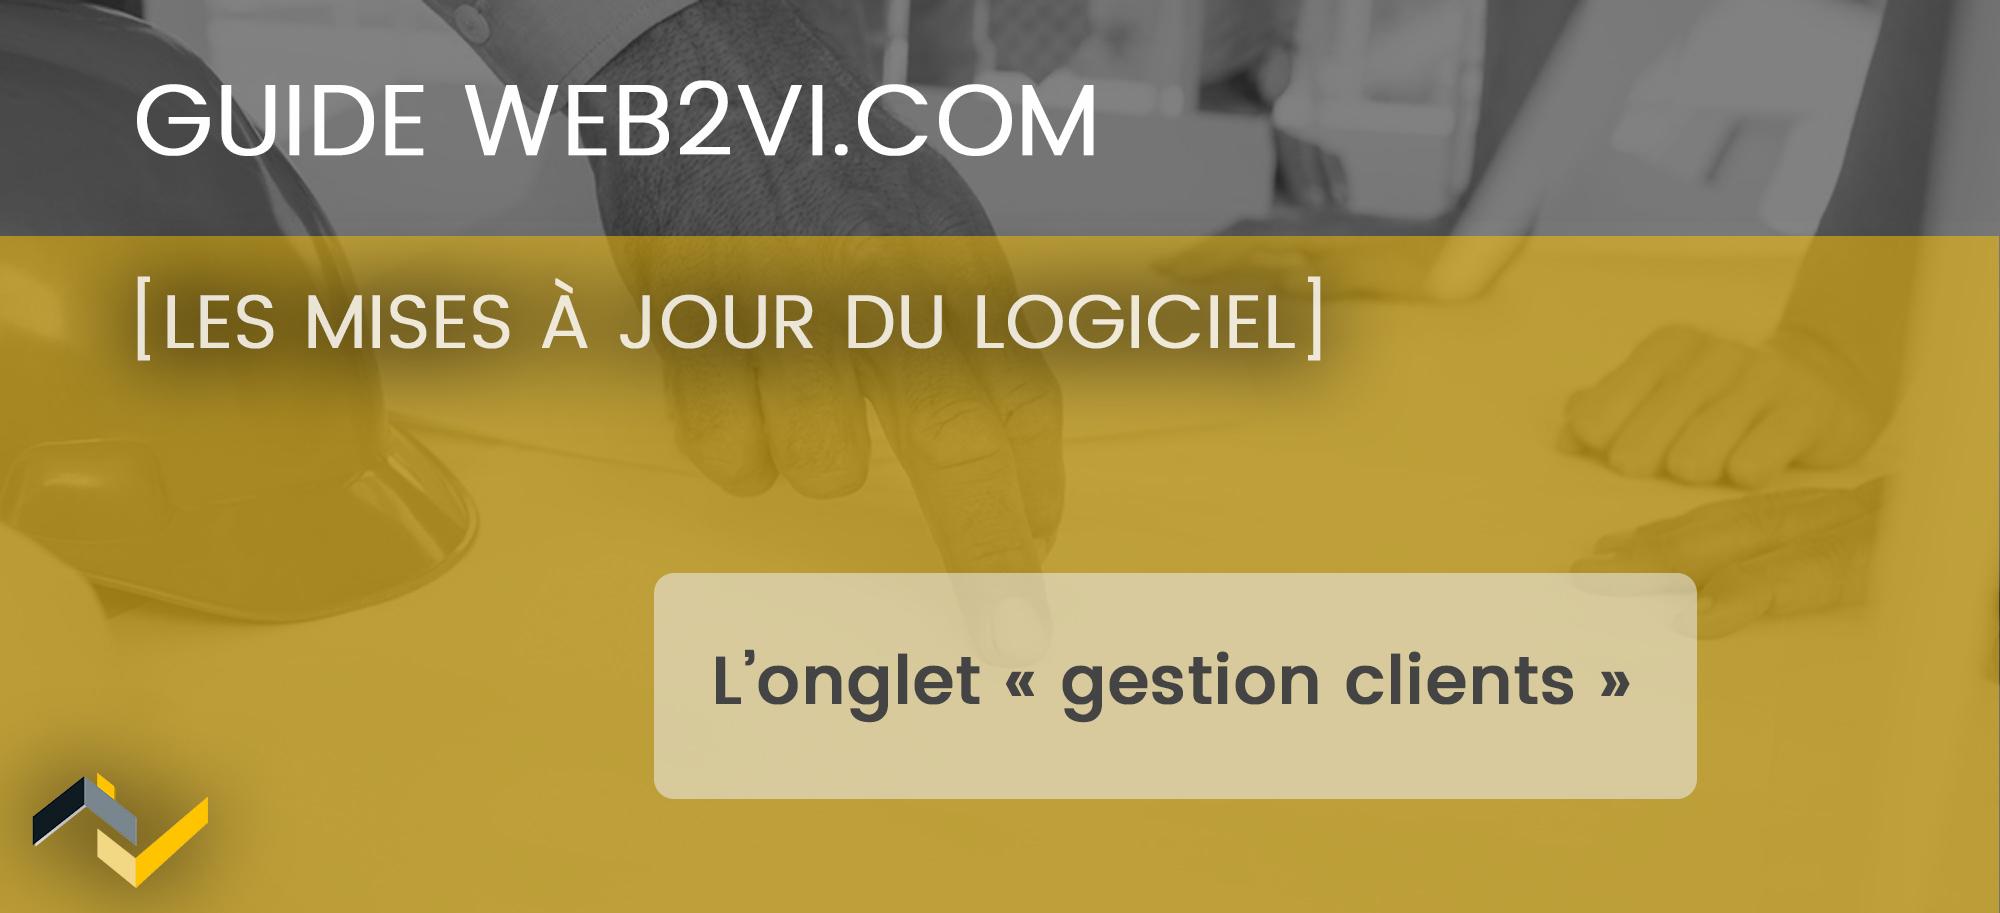 Créer une liste et des fiches clients dans le logiciel Web2vi